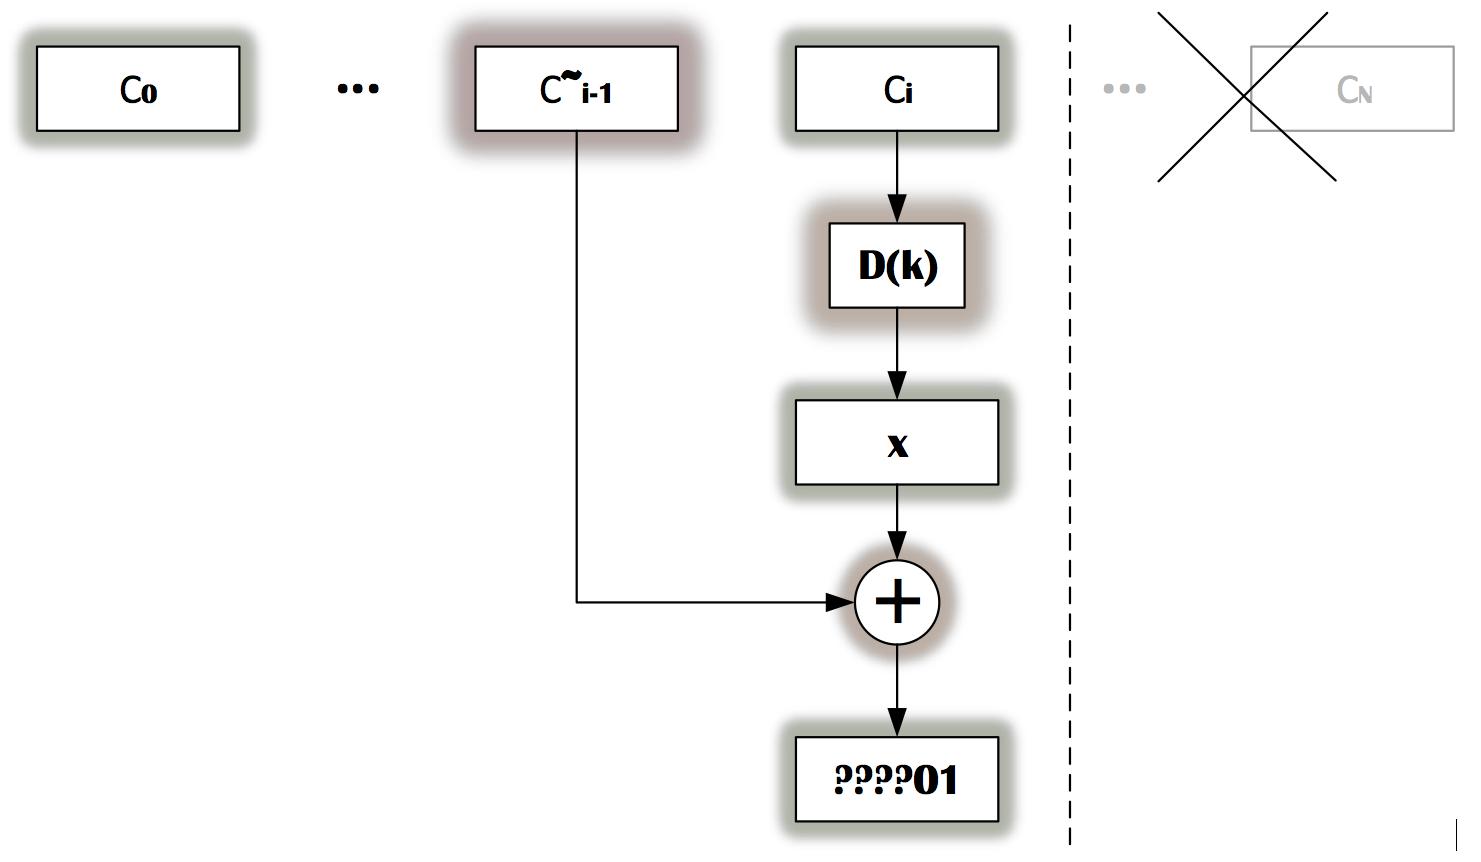 Рис. 18. Находим модифицированное значение C(i-1)